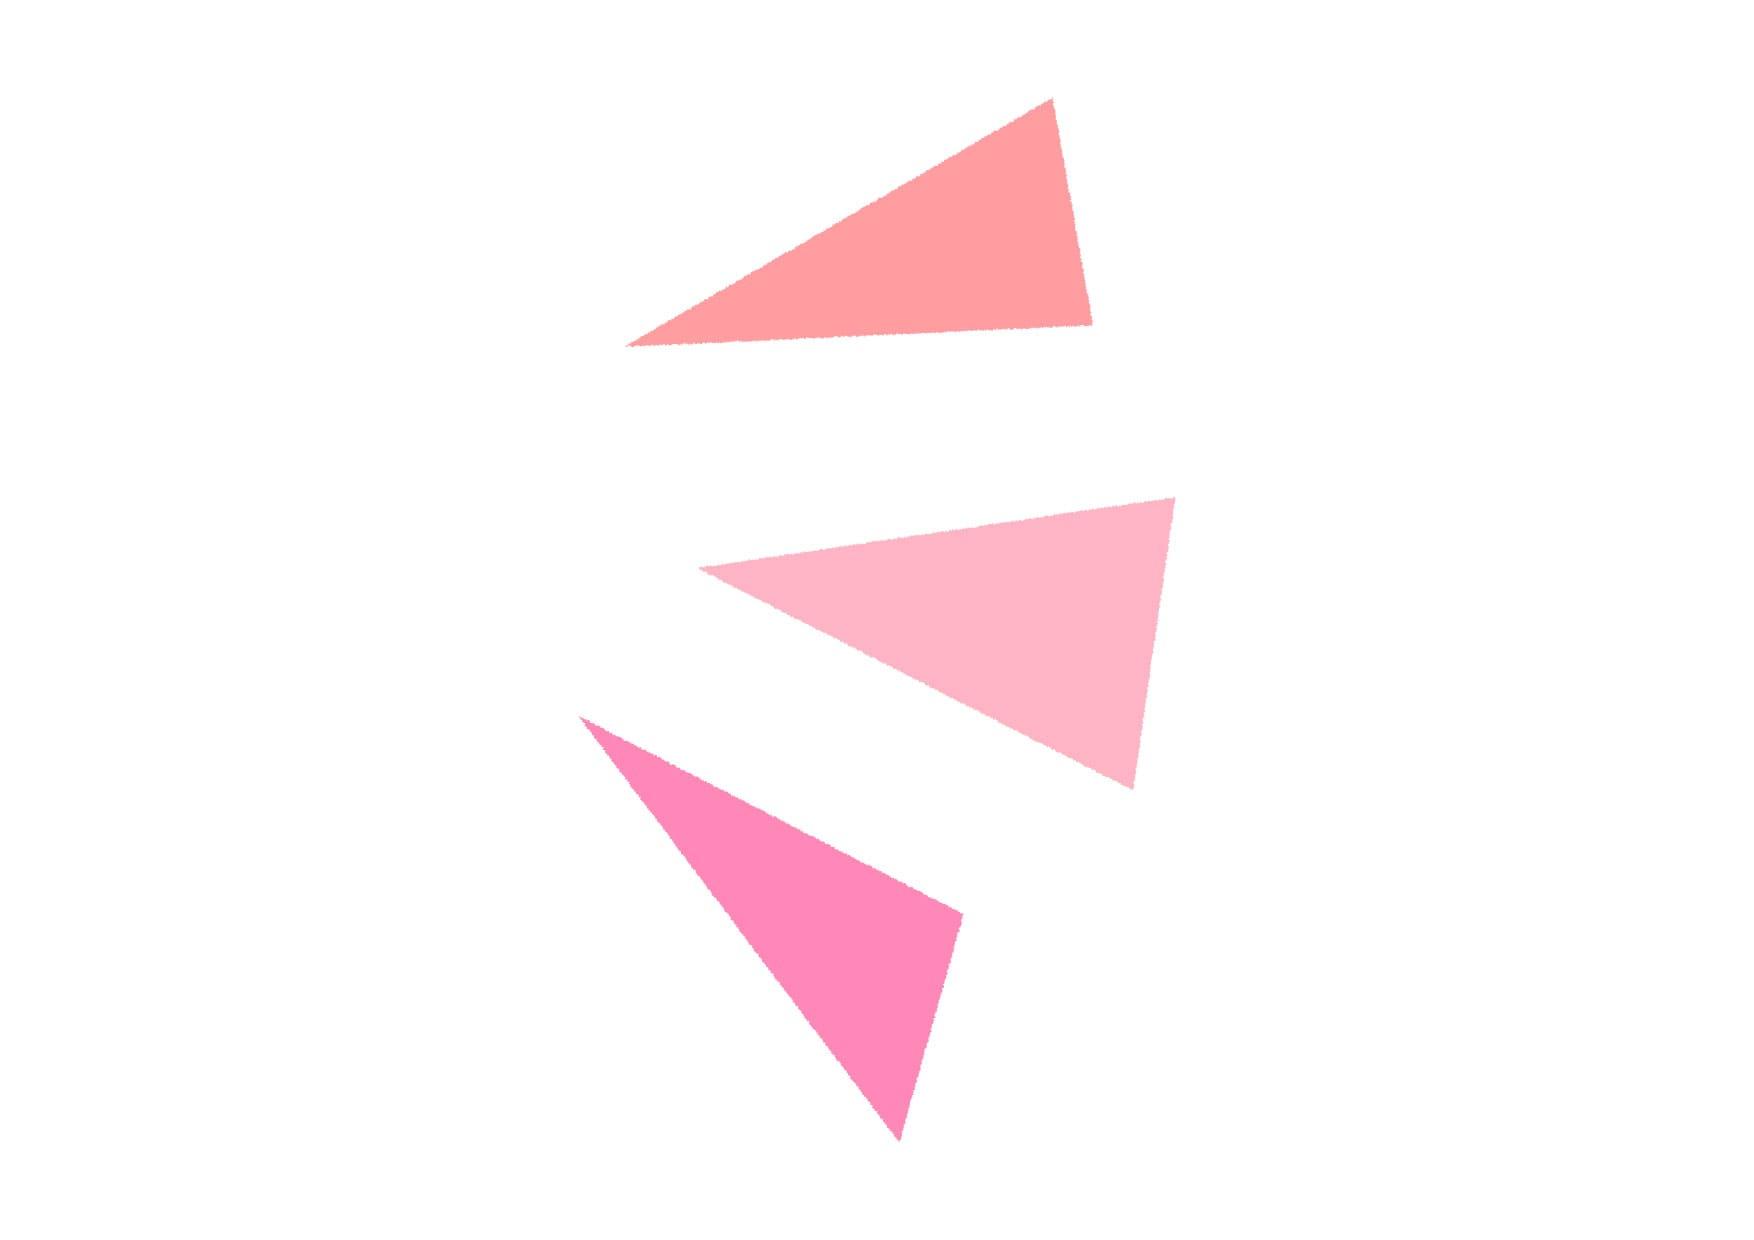 可愛いイラスト無料|気づき アイコン 右 ピンク − free illustration  Triangle icon right pink